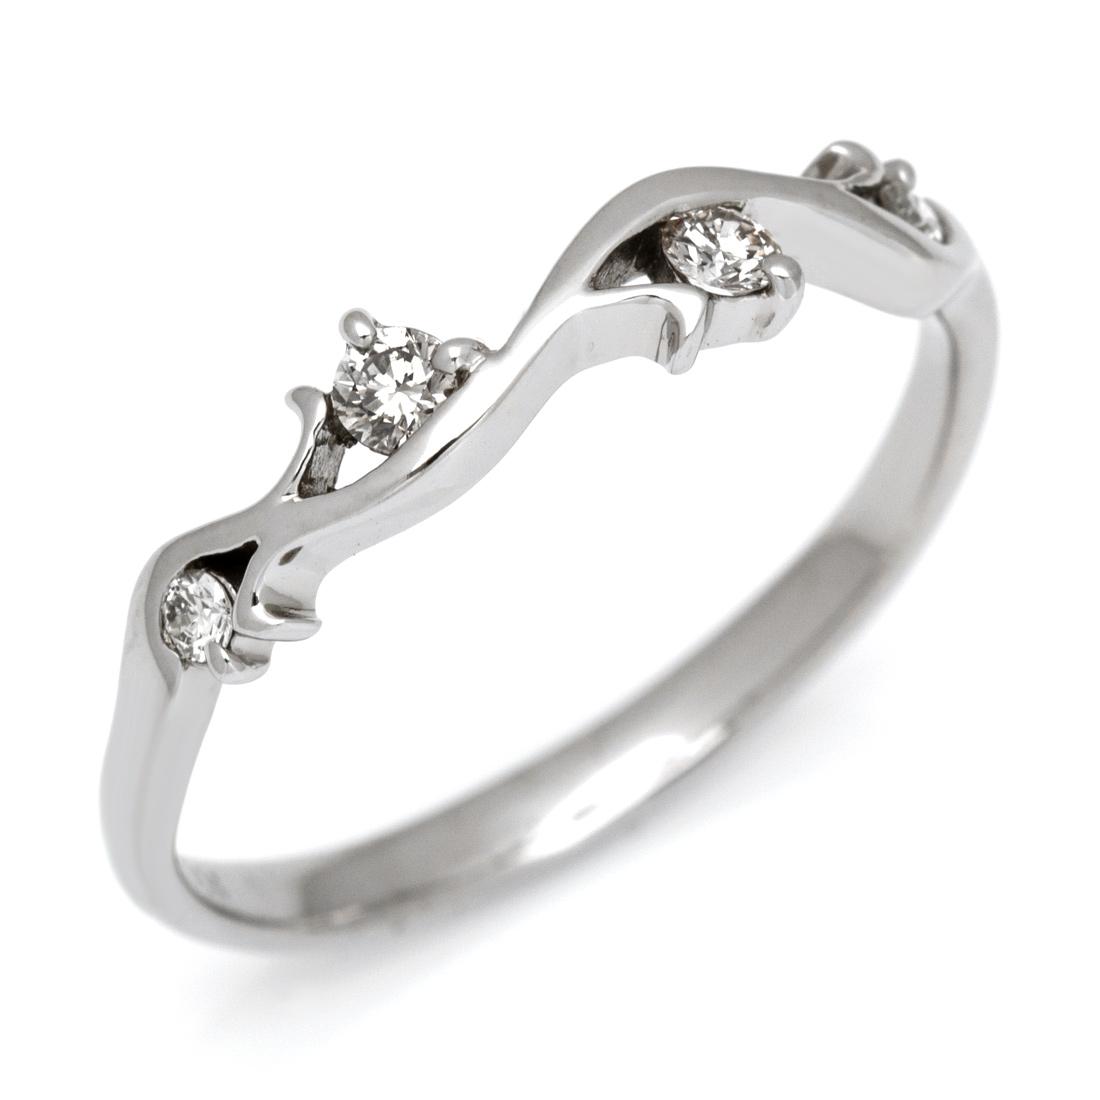 【GWクーポン配布中】K18 ダイヤモンド リング送料無料 指輪 ダイアモンド ゴールド 18K 18金 誕生日 4月誕生石 刻印 文字入れ メッセージ ギフト 贈り物 ピンキーリング対応可能